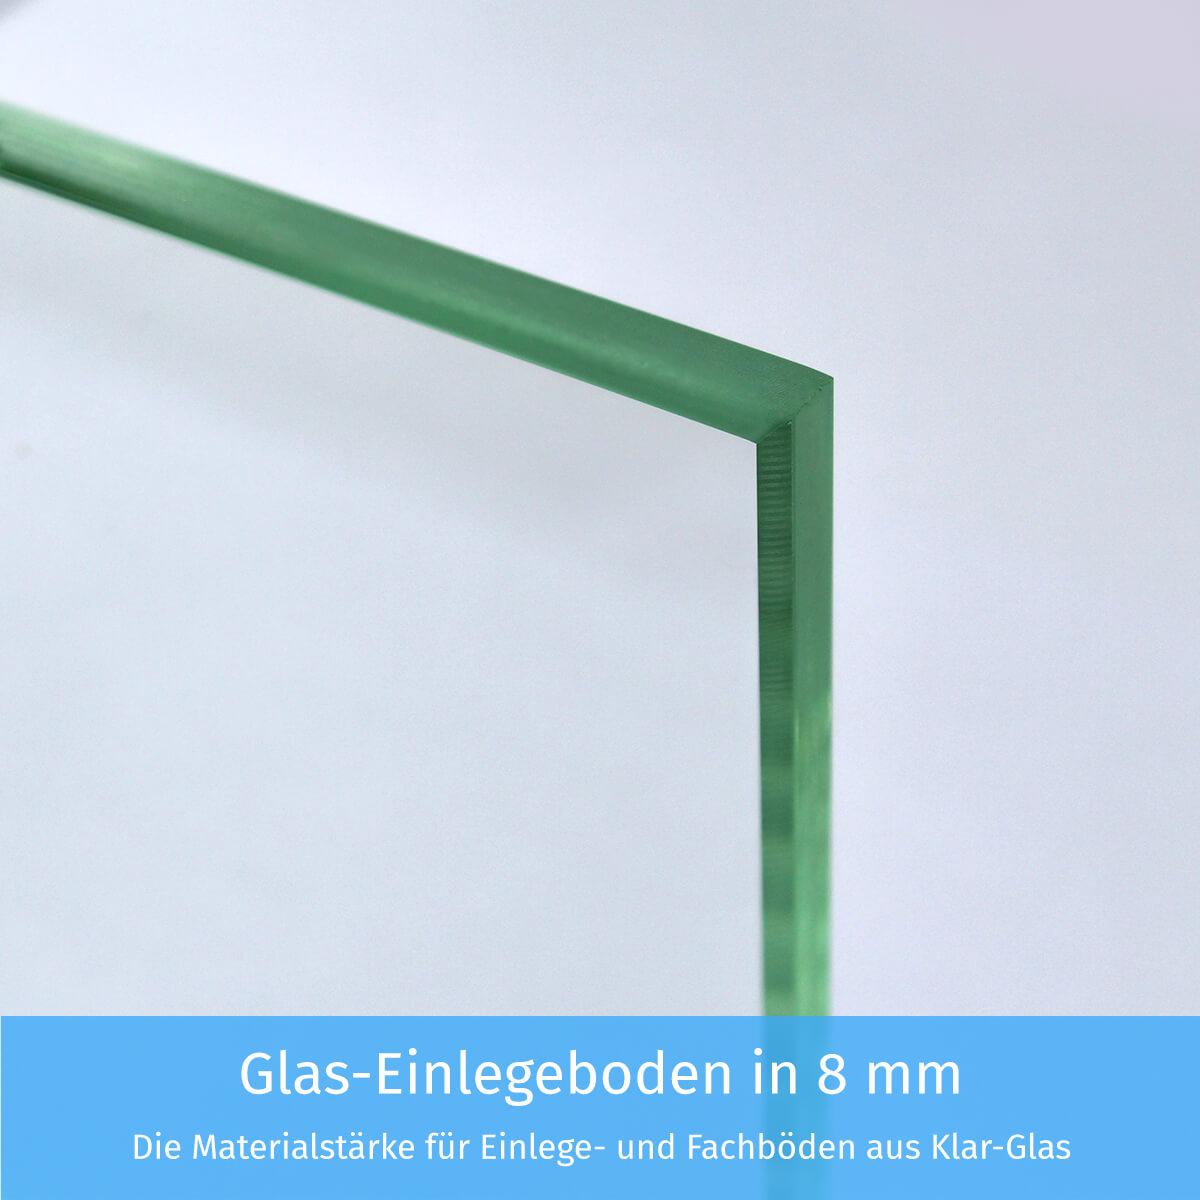 Glas-Einlegeboden in 8mm